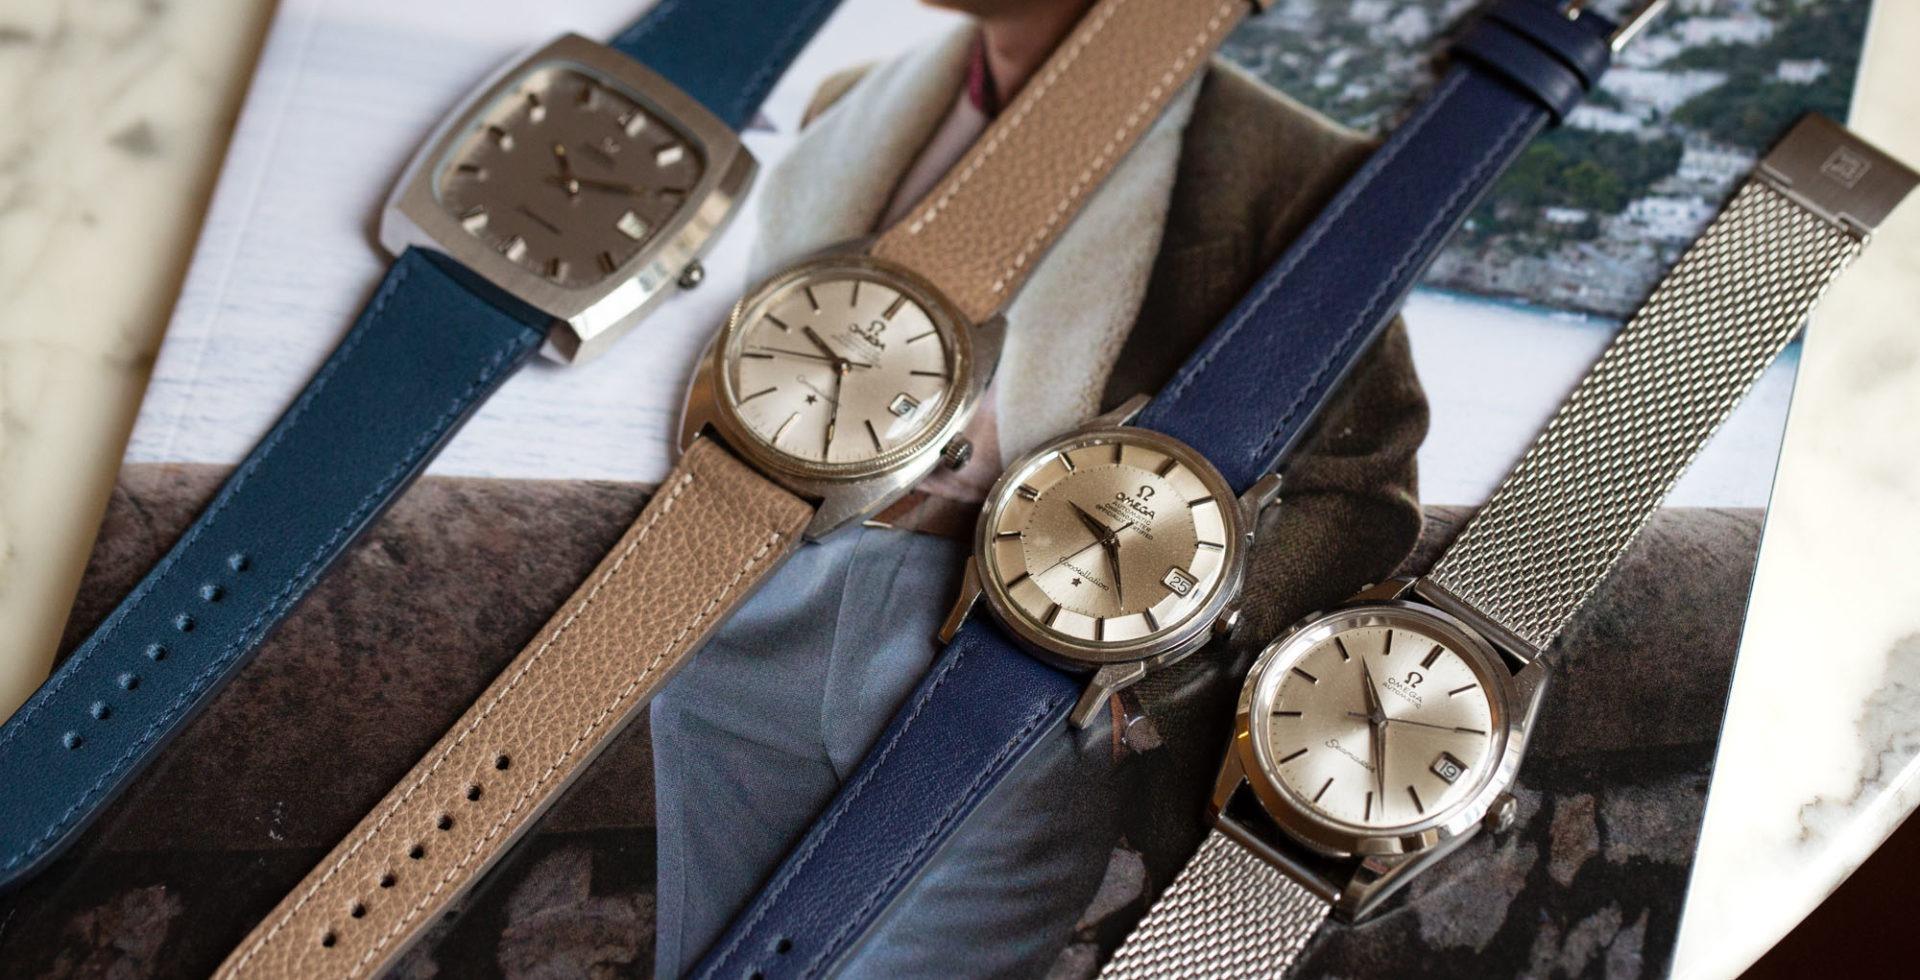 Omega - Sélection de montres vintage chez Joseph Bonnie